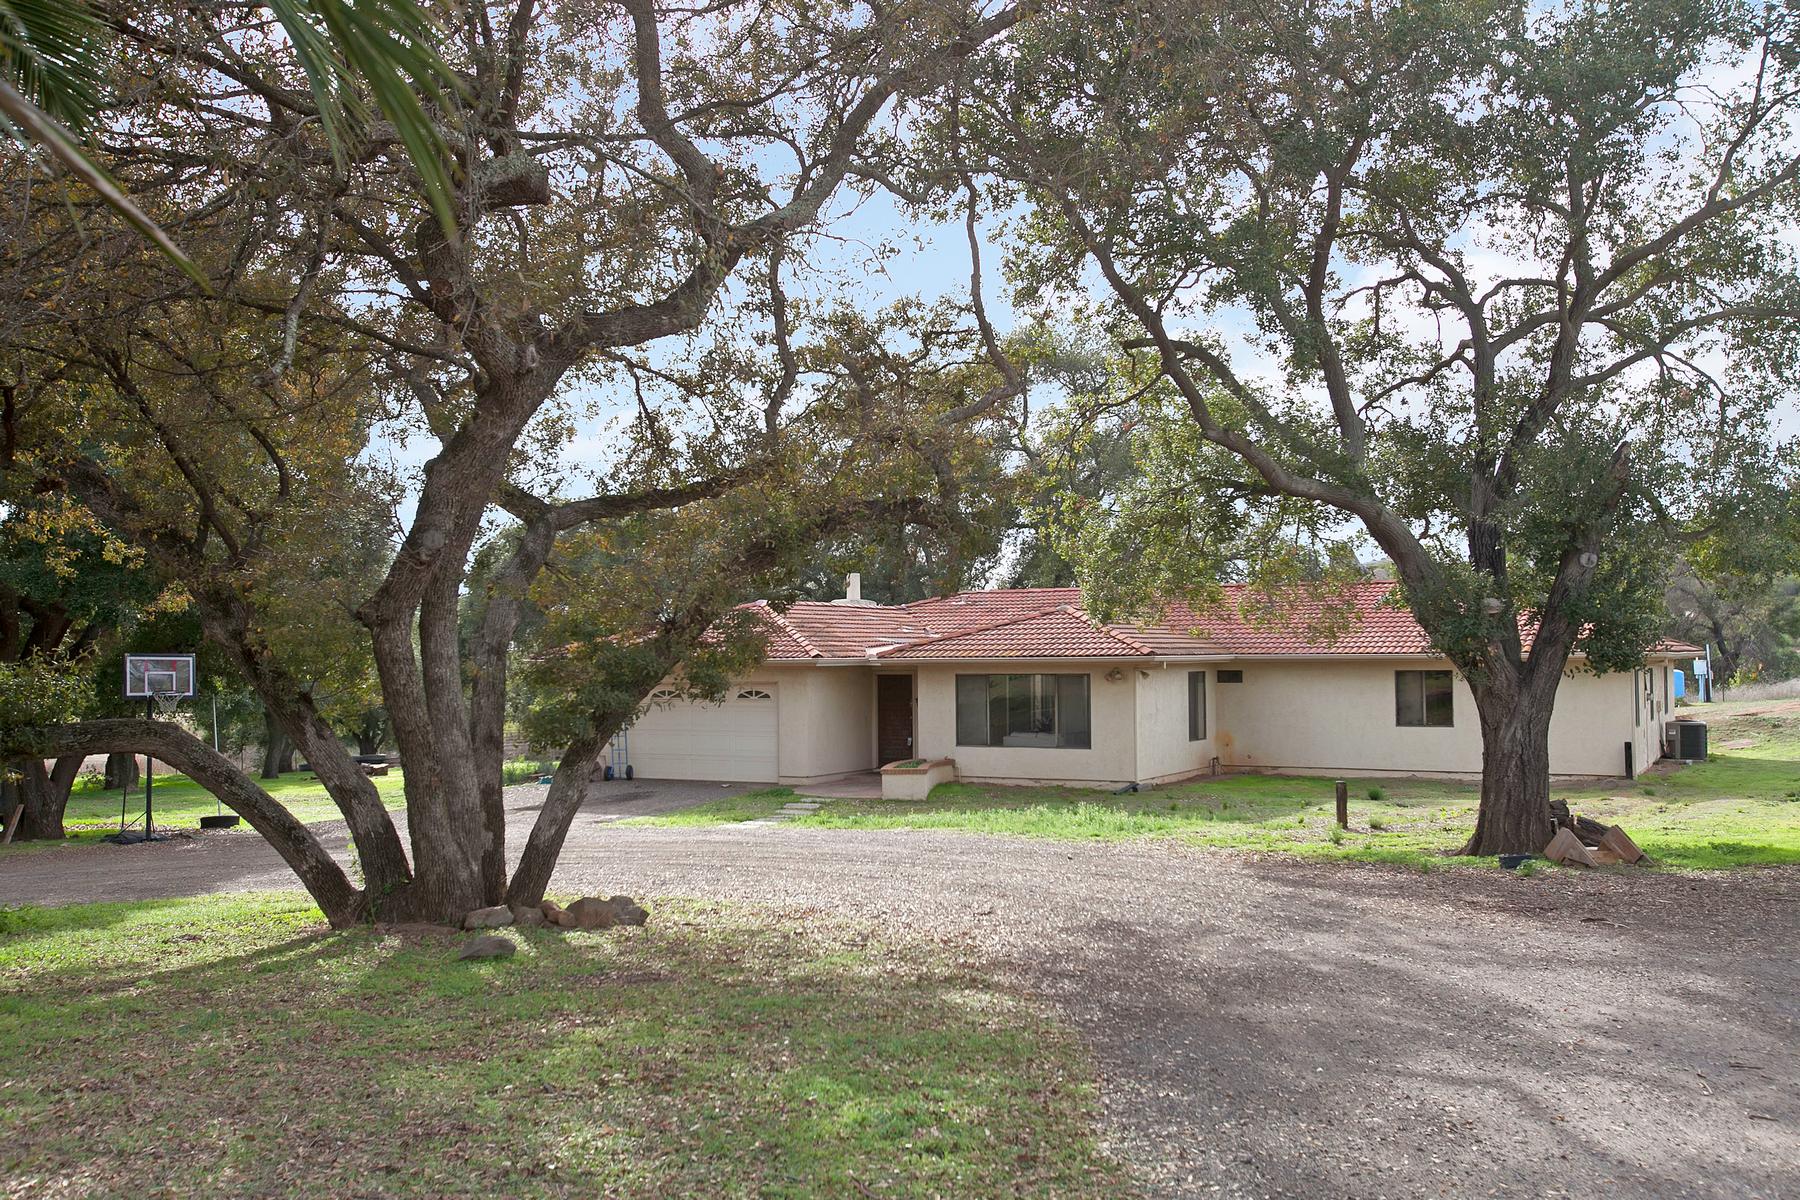 独户住宅 为 销售 在 12623 Muth Valley Road Lakeside, 加利福尼亚州, 92040 美国